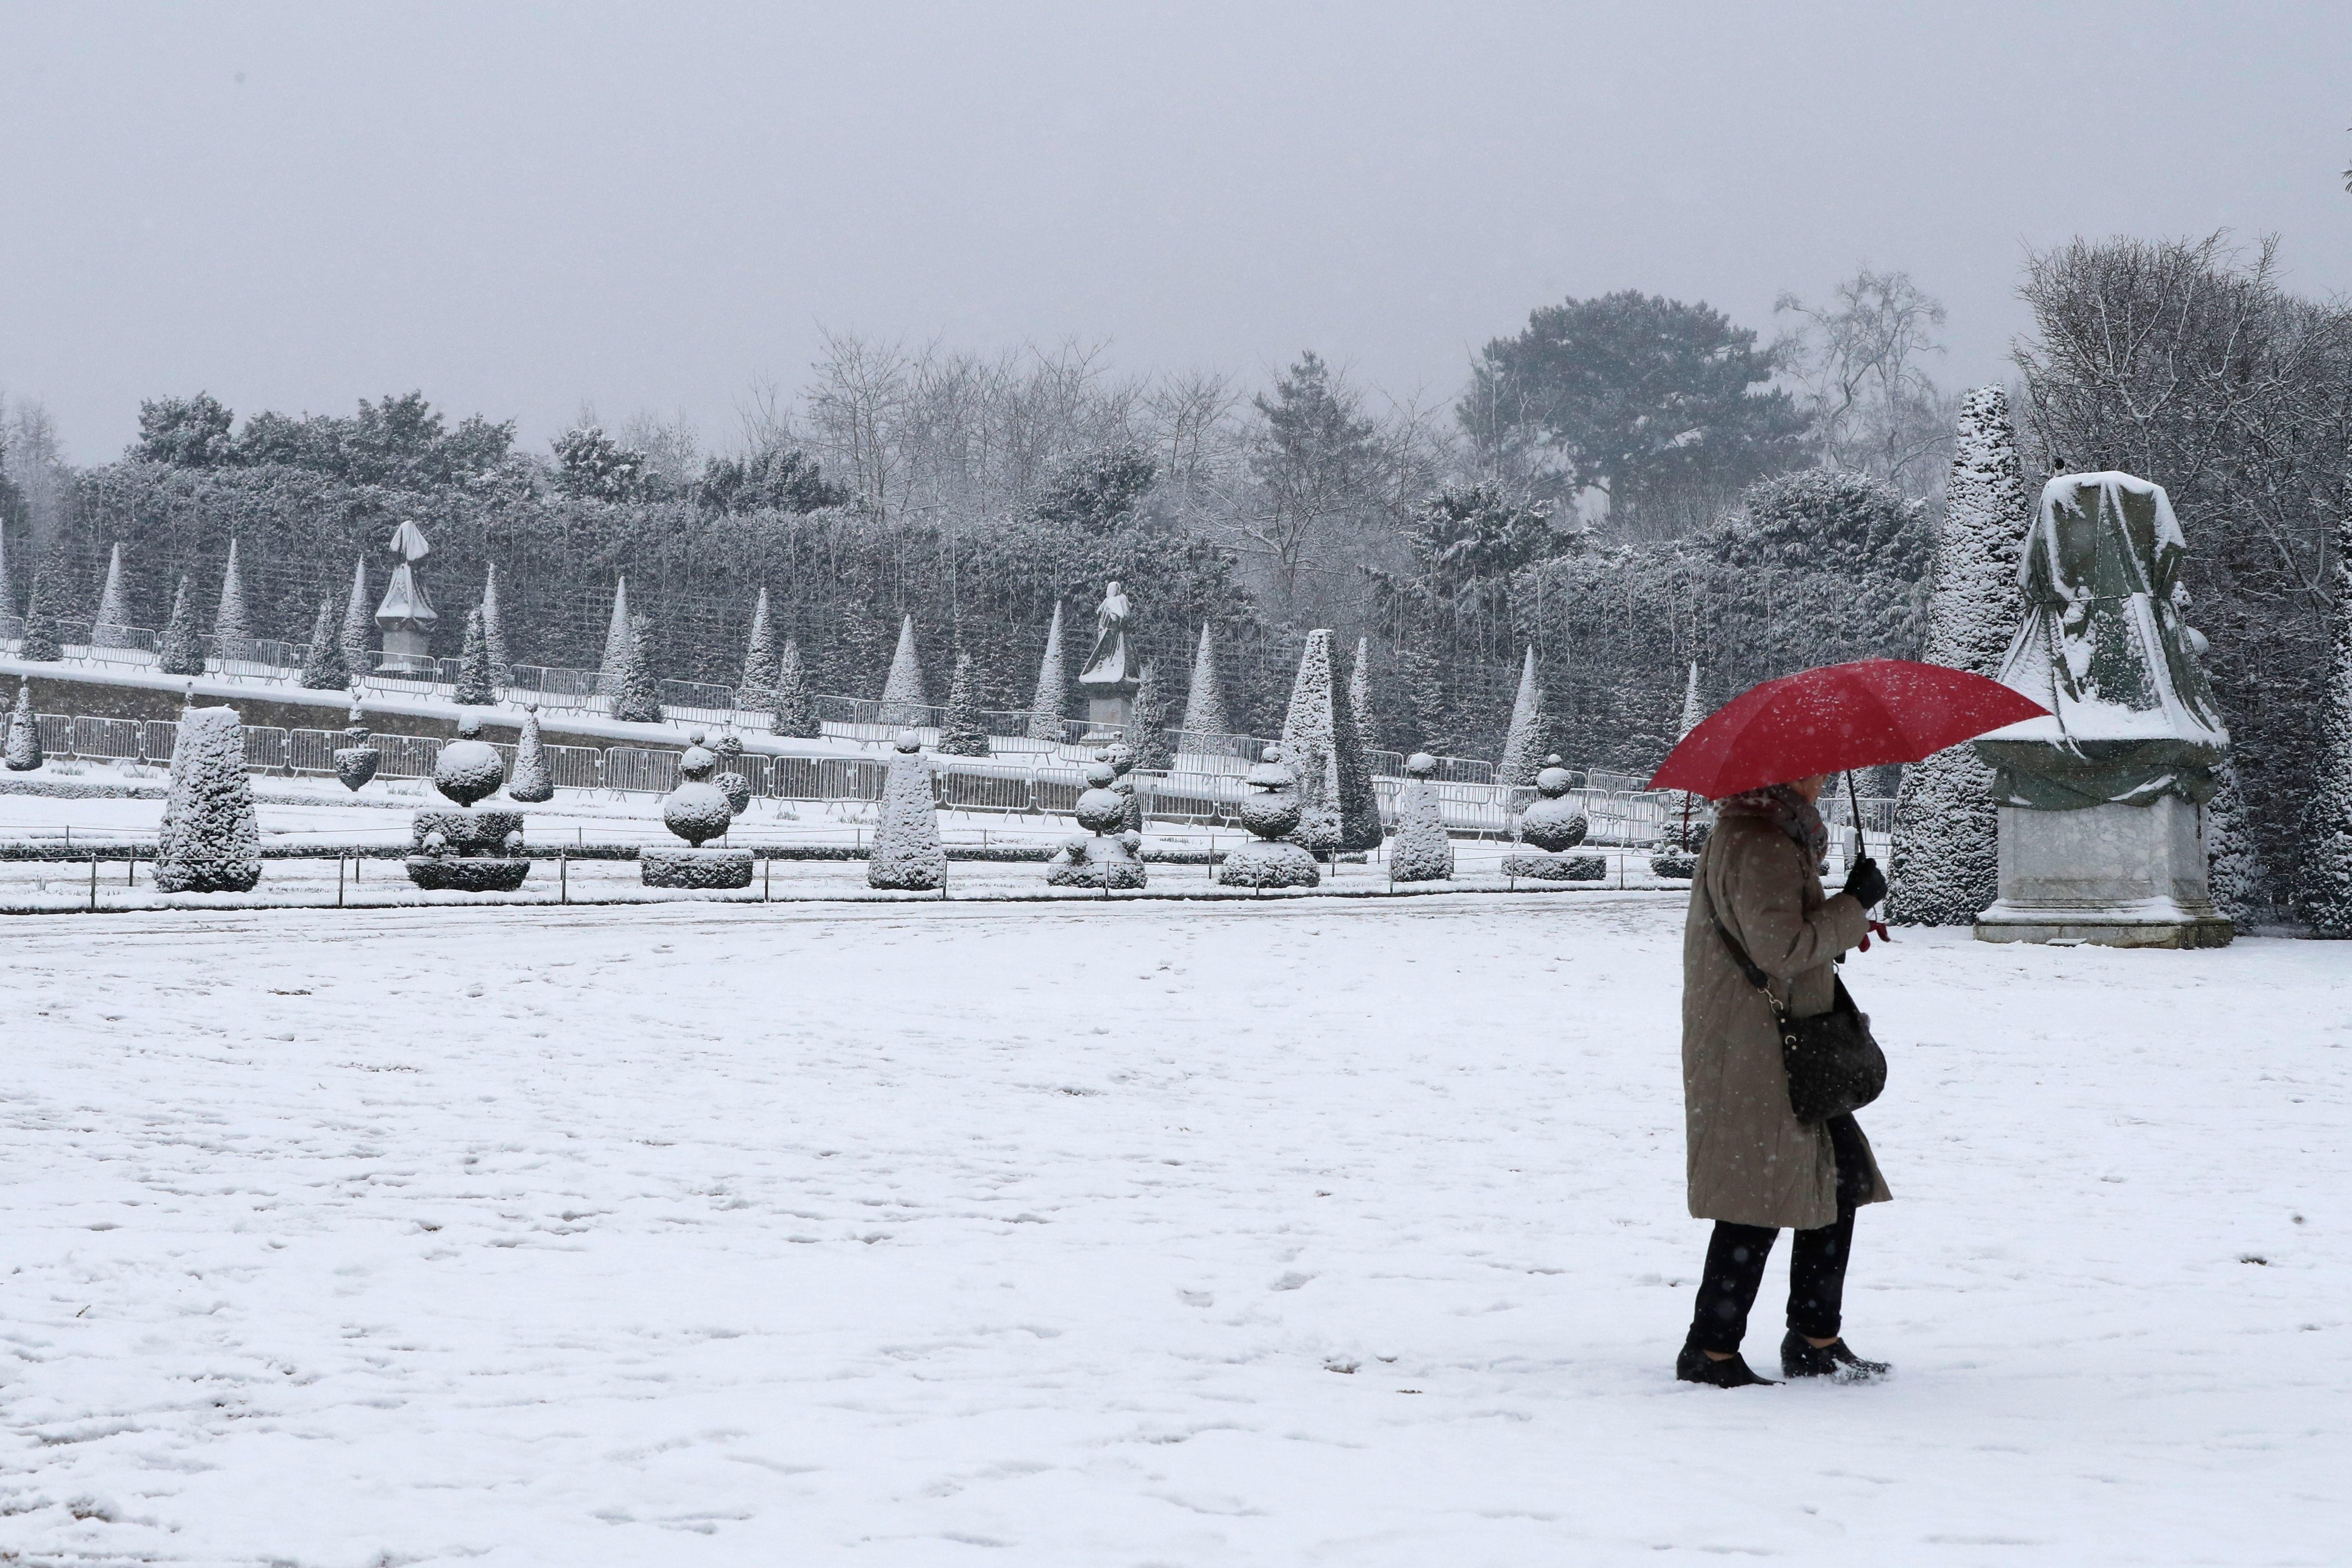 Φωτογραφίες από το χιονισμένο Παρίσι. Έκλεισε ο Πύργος του